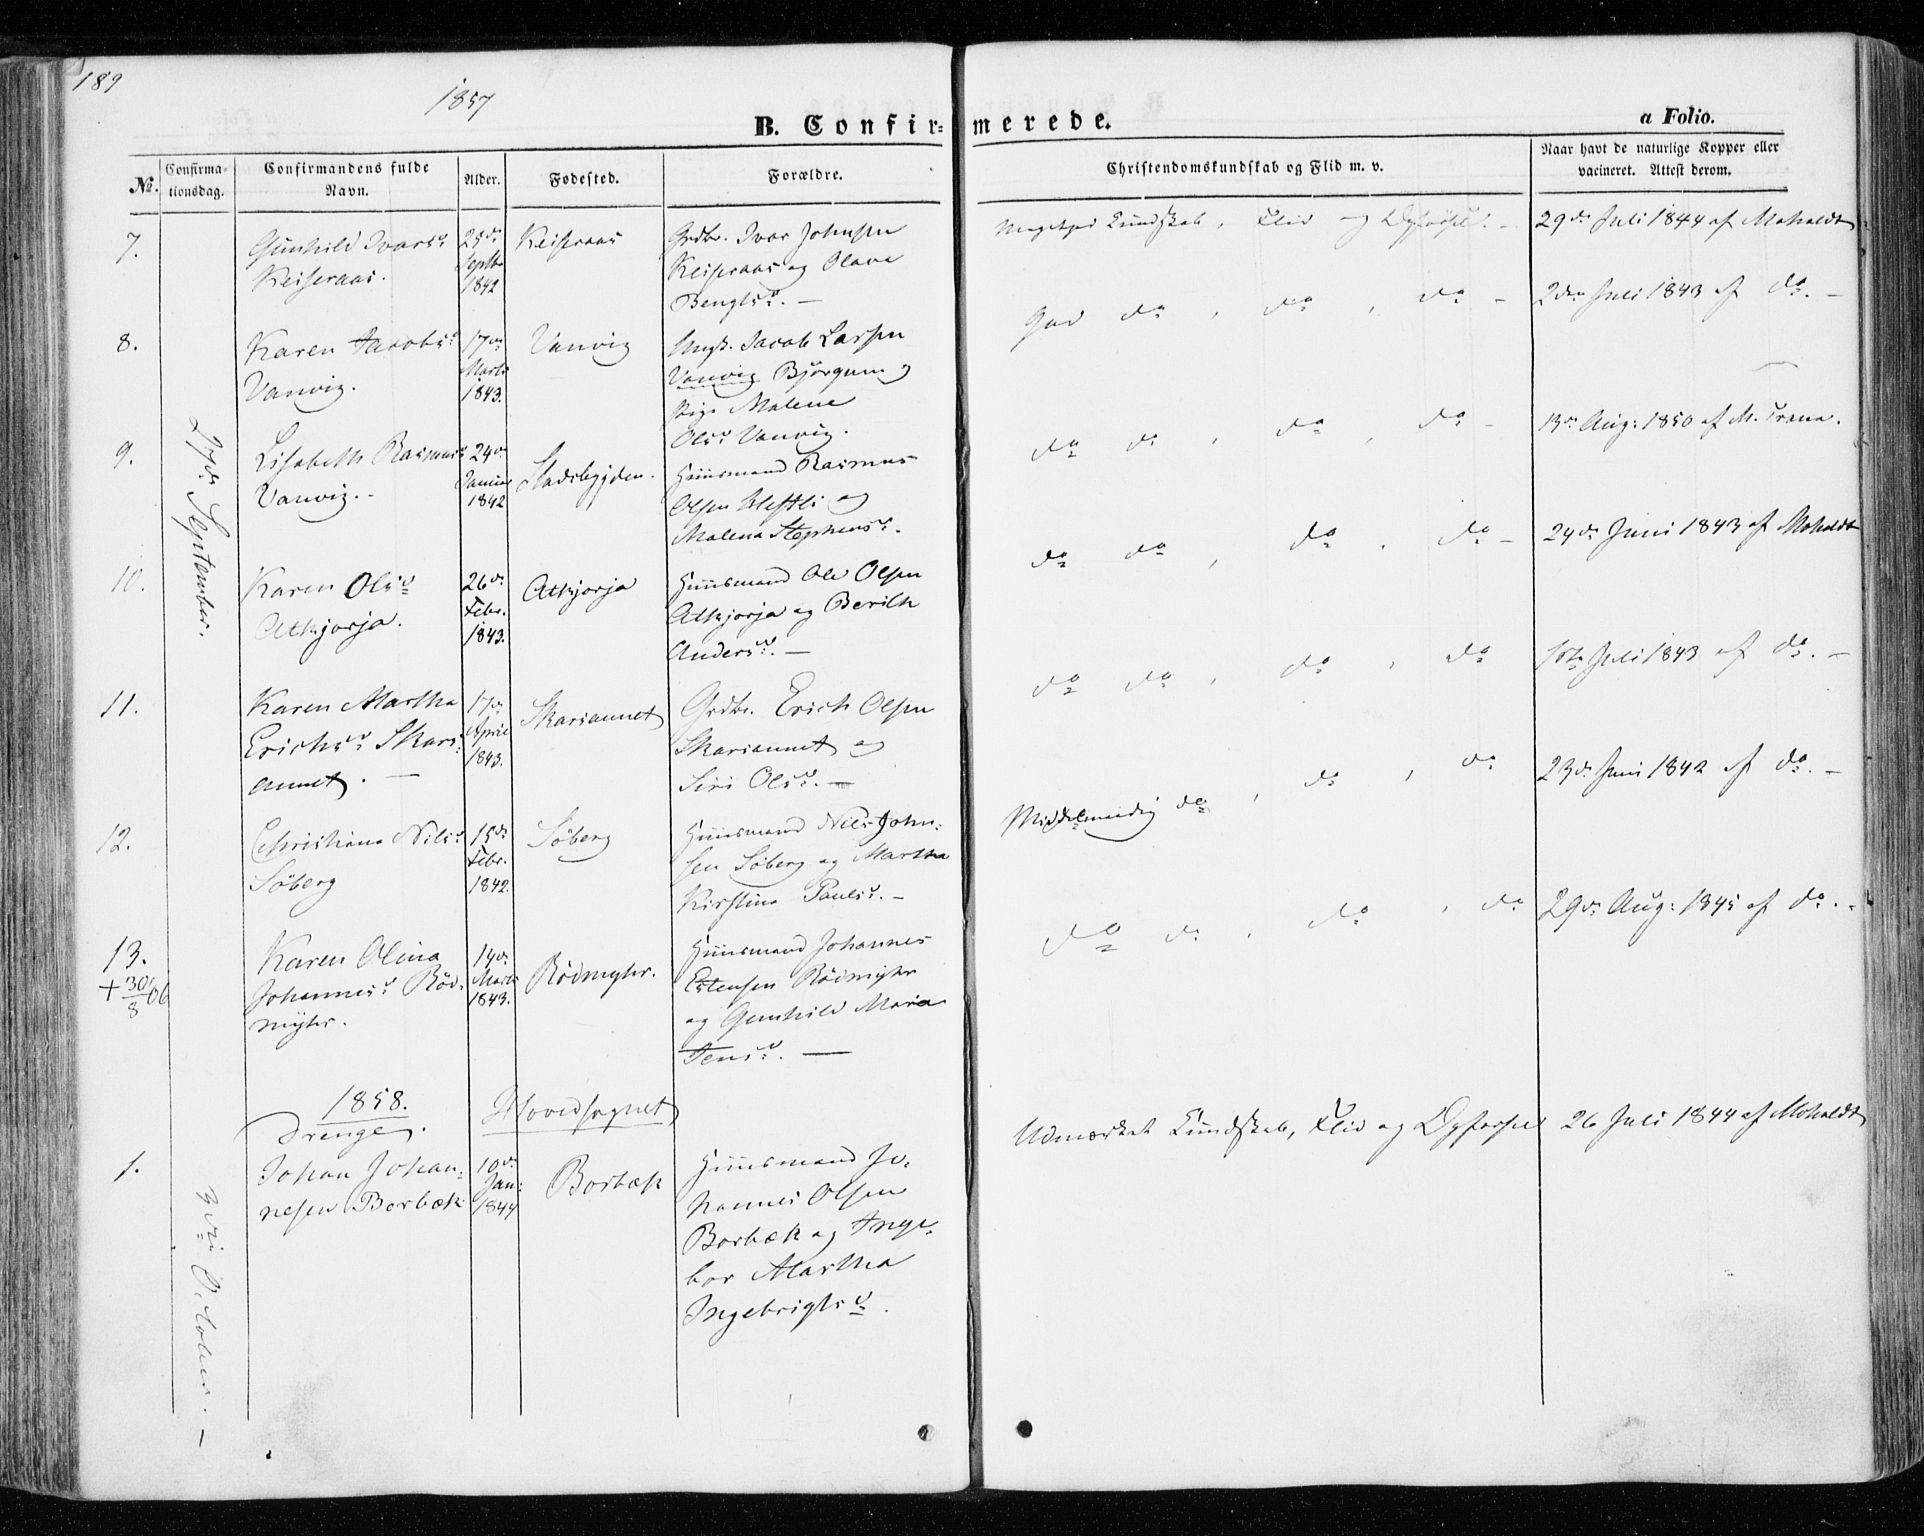 SAT, Ministerialprotokoller, klokkerbøker og fødselsregistre - Nord-Trøndelag, 701/L0008: Ministerialbok nr. 701A08 /1, 1854-1863, s. 189